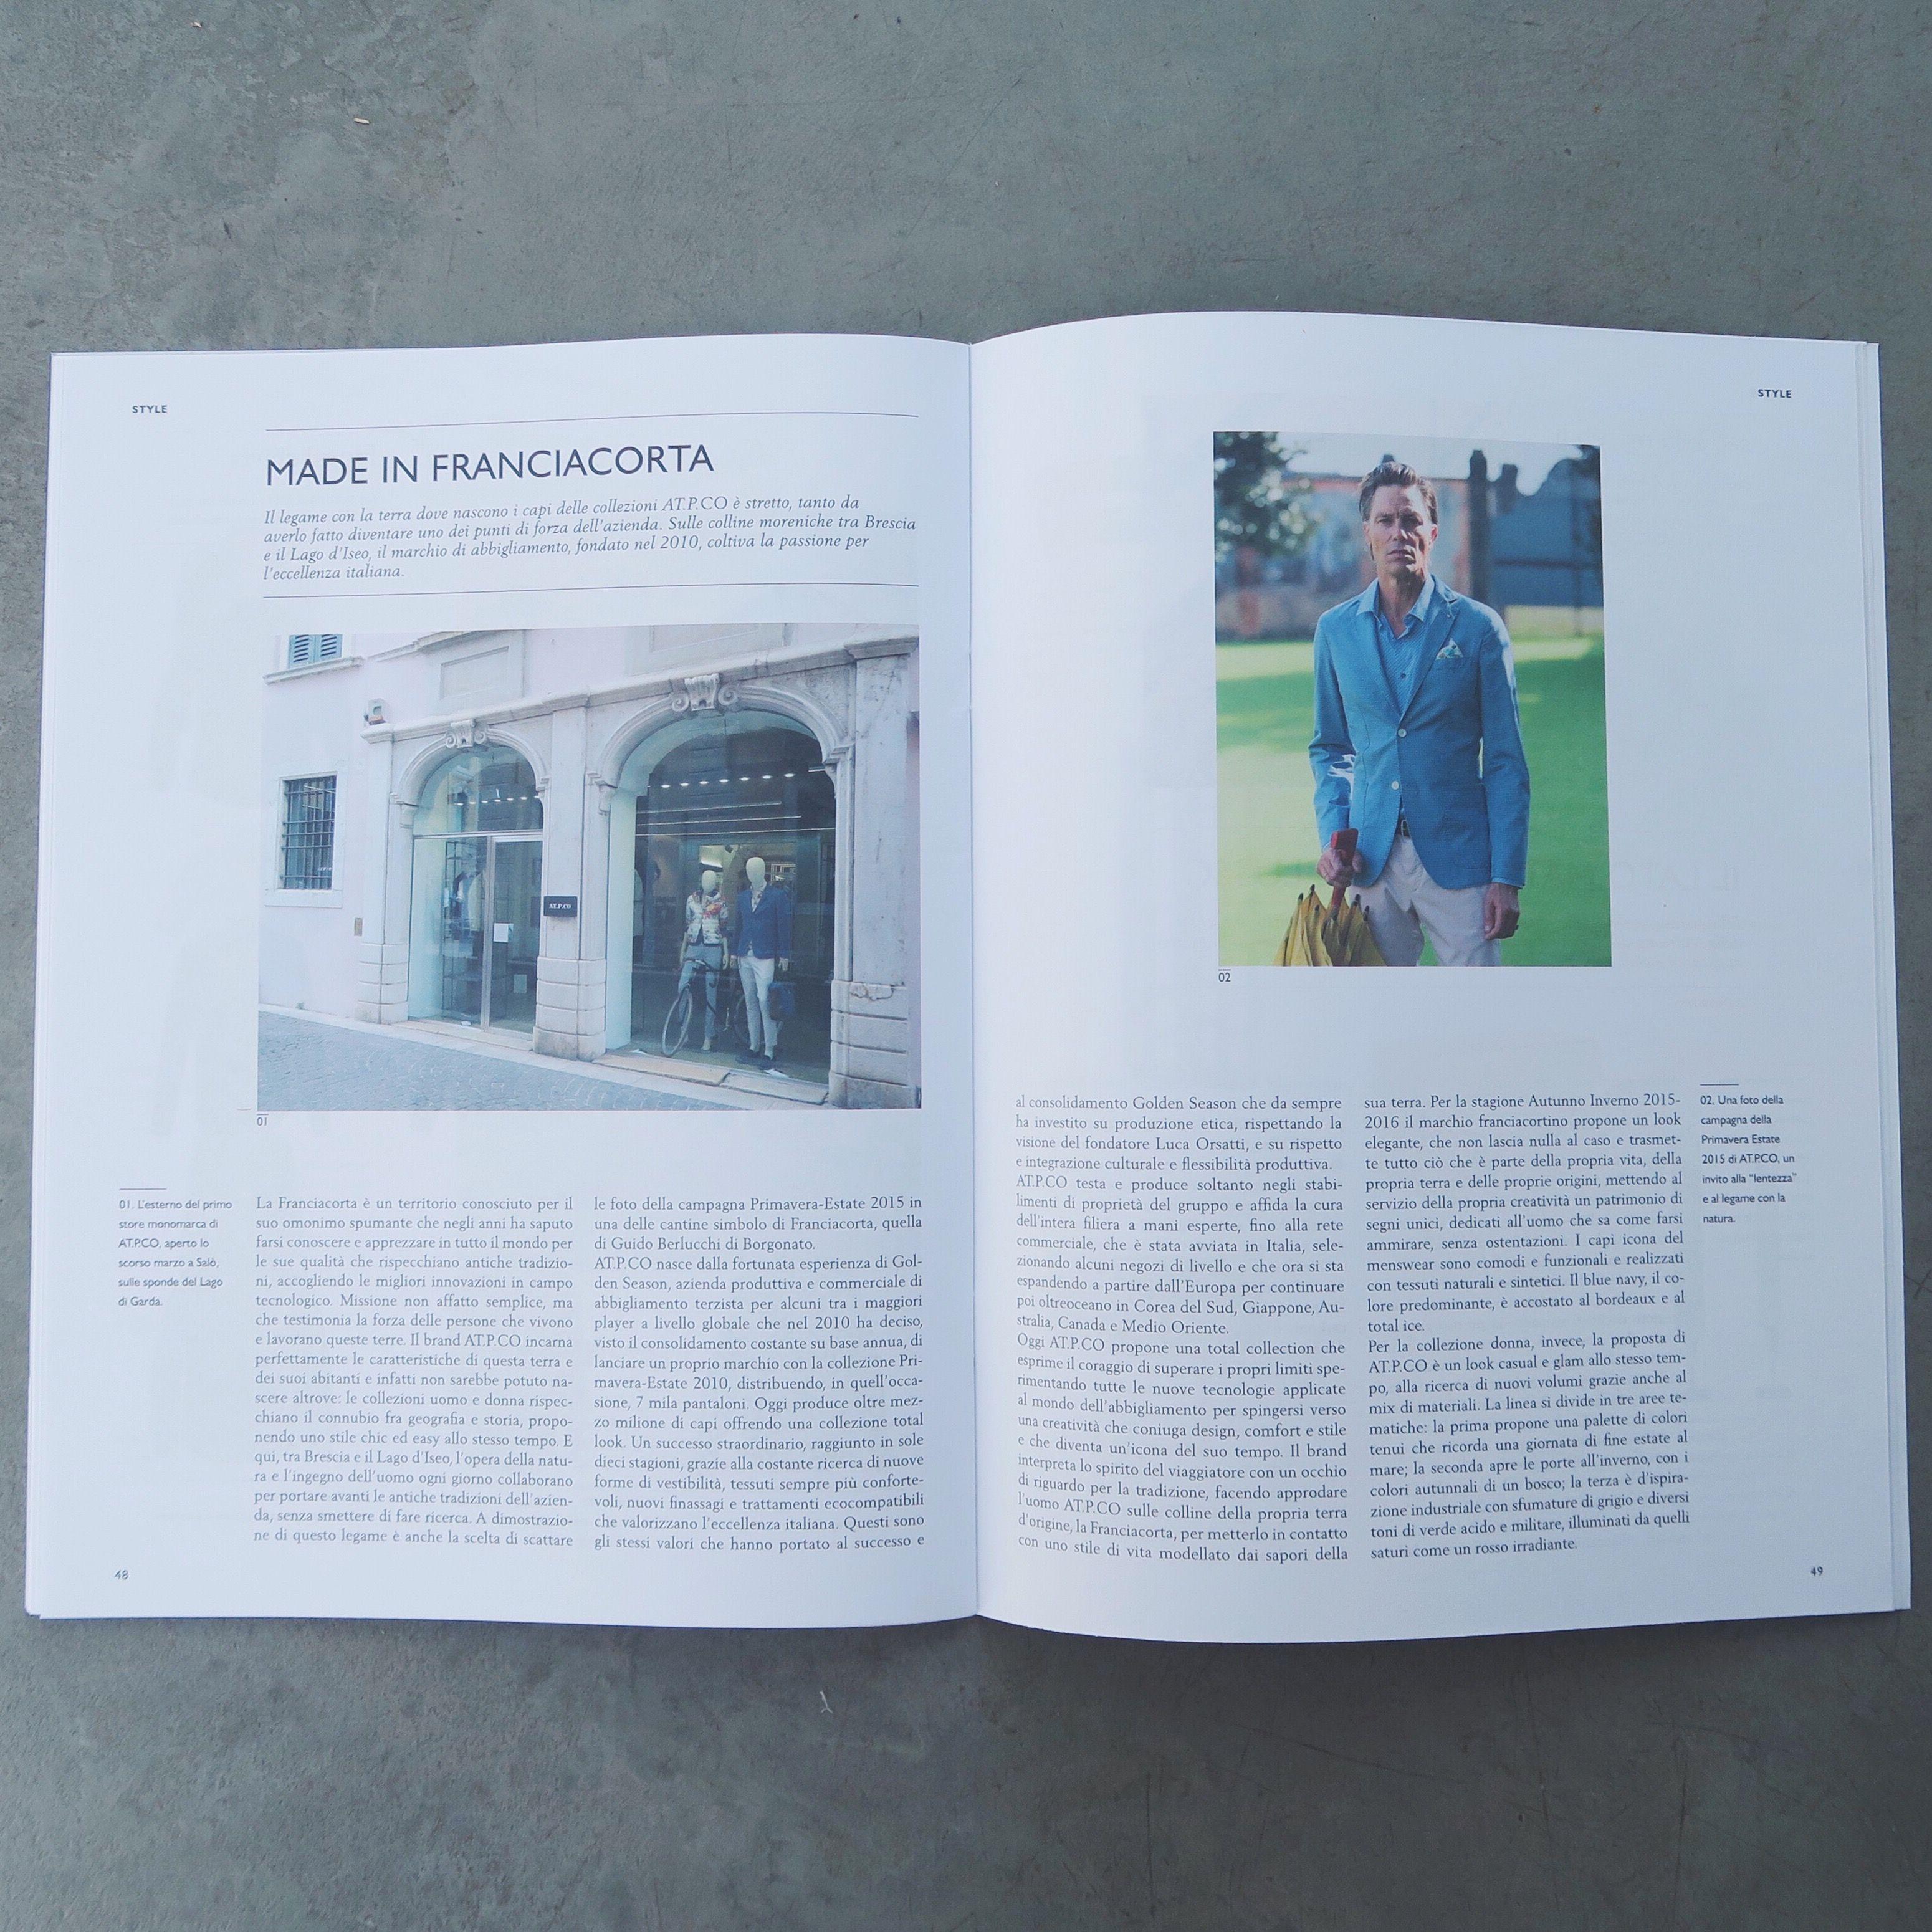 """ATPCO """"Made in #Franciacorta"""" - sull'ultimo numero del magazine Club Milano l'articolo dedicato ad #ATPCO.  ATPCO """"Made in Franciacorta"""" - available on Club Milano #magazine the article about #ATPCO."""